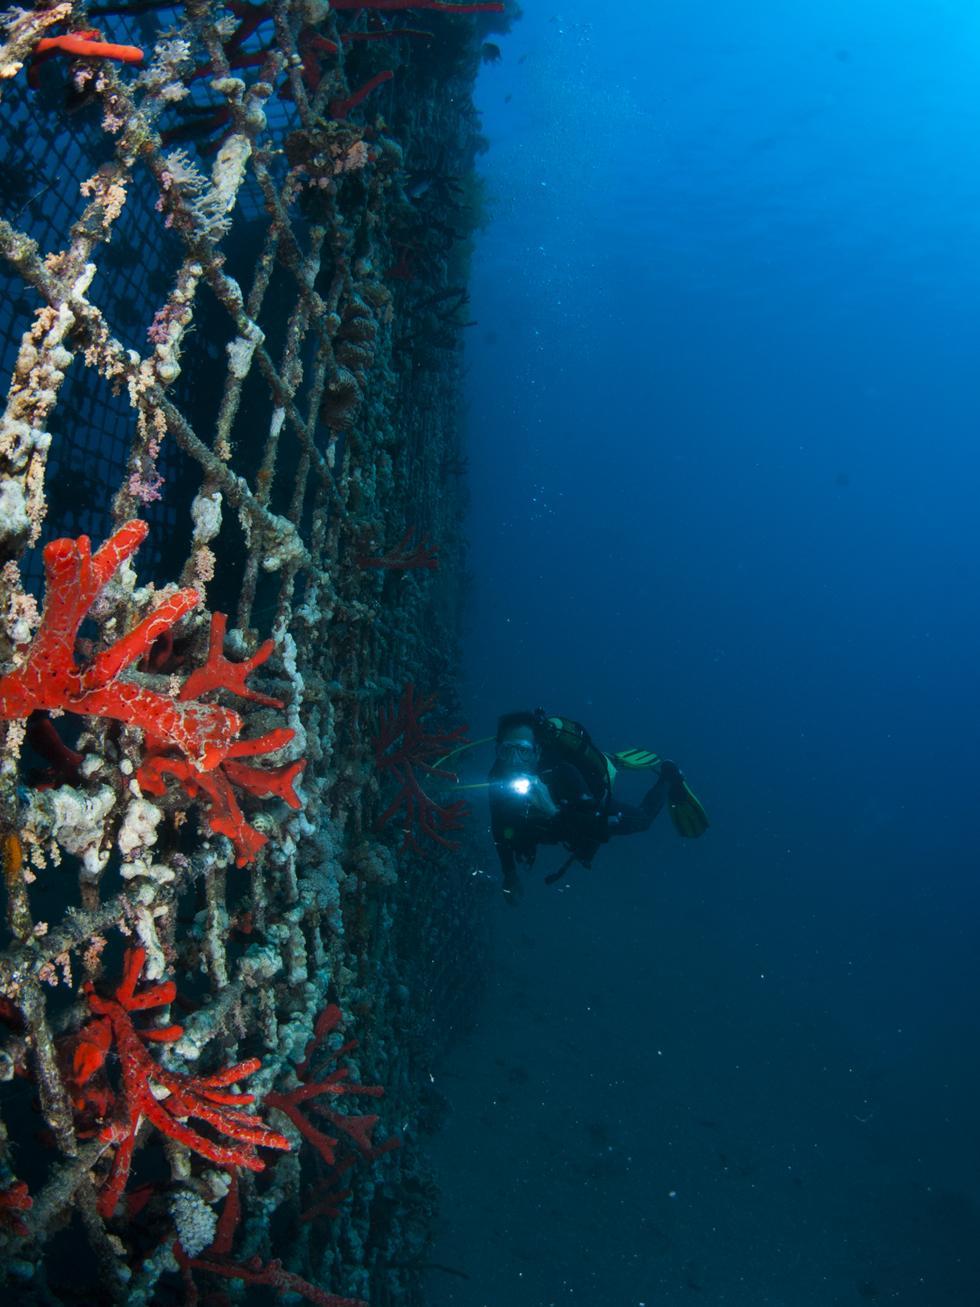 ספוגים ואלמוגים מכסים רשת צפופה המגנה על המעגן (צילום:חגי נתיב)